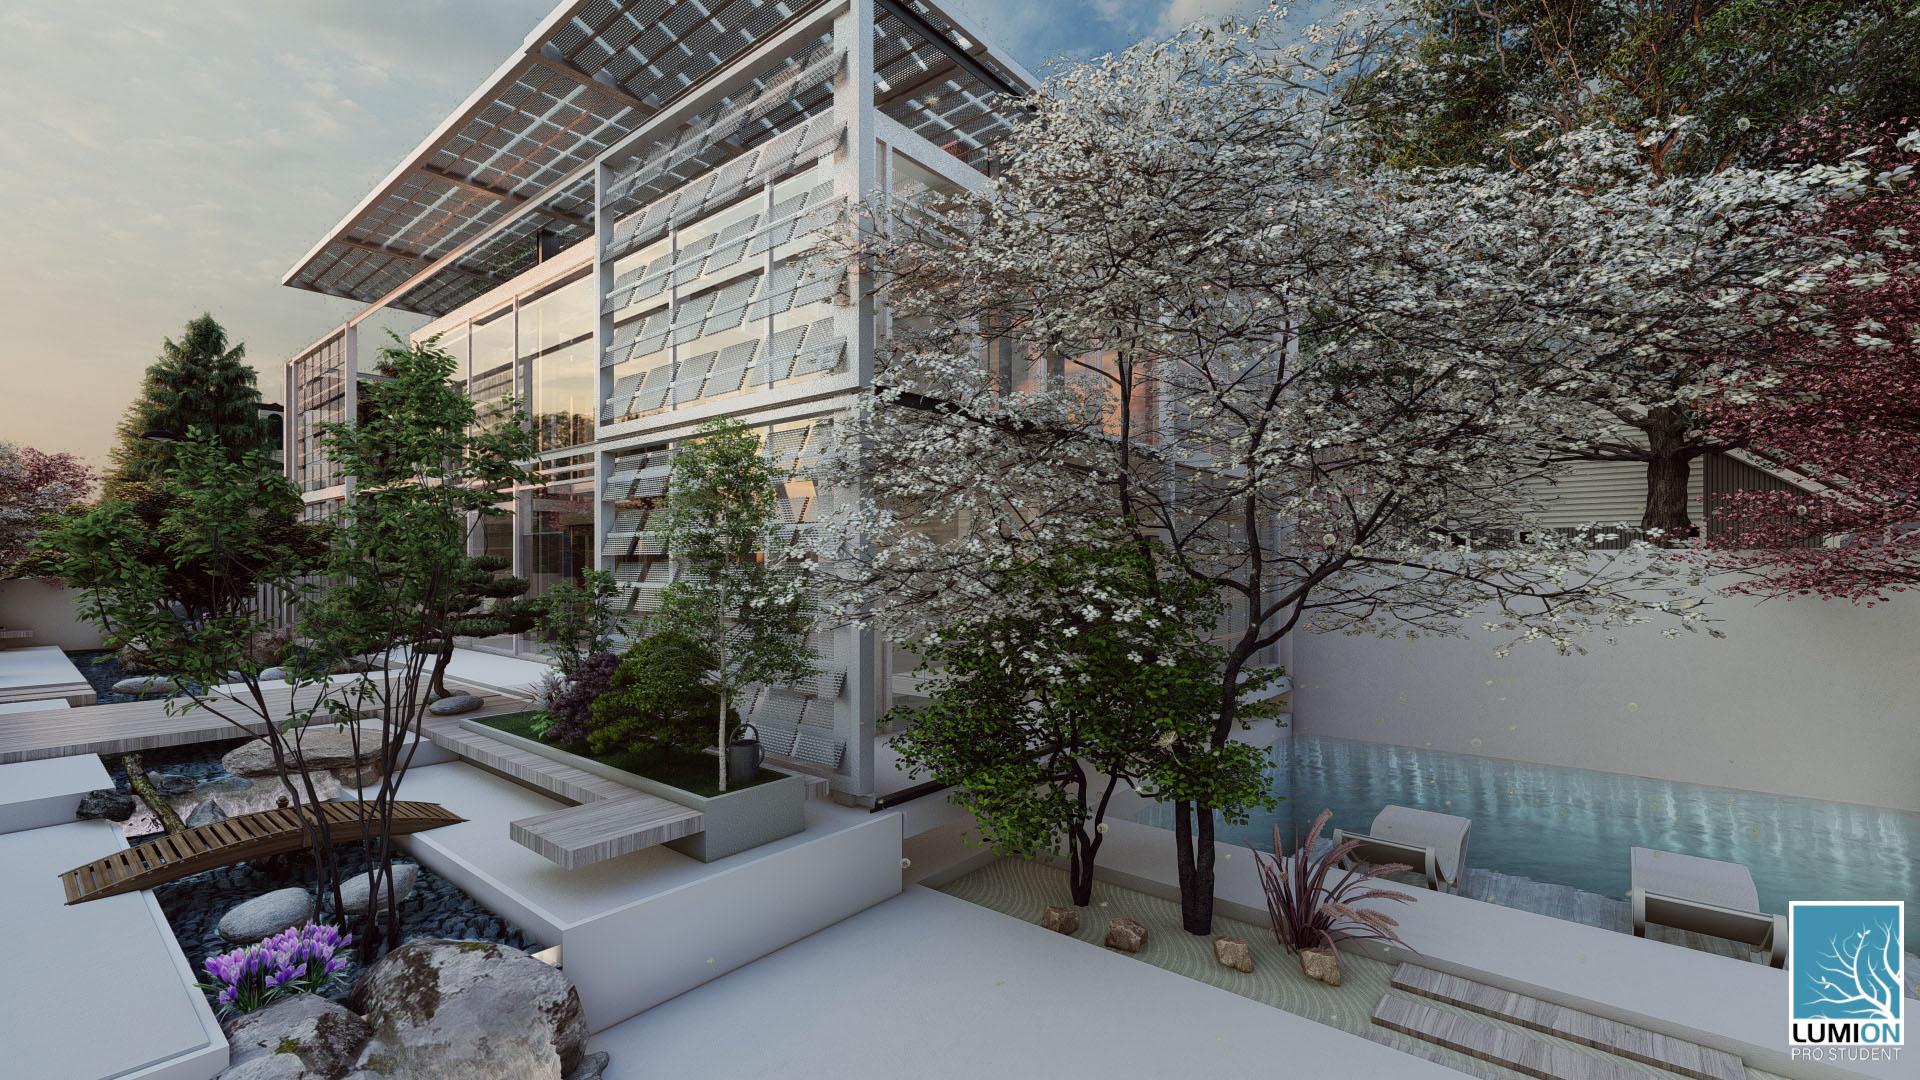 RENDER-1-Schiebehaus-Studente-Lorenzo-Fortunato-classe-3G-architettura-prof.-Anzalone